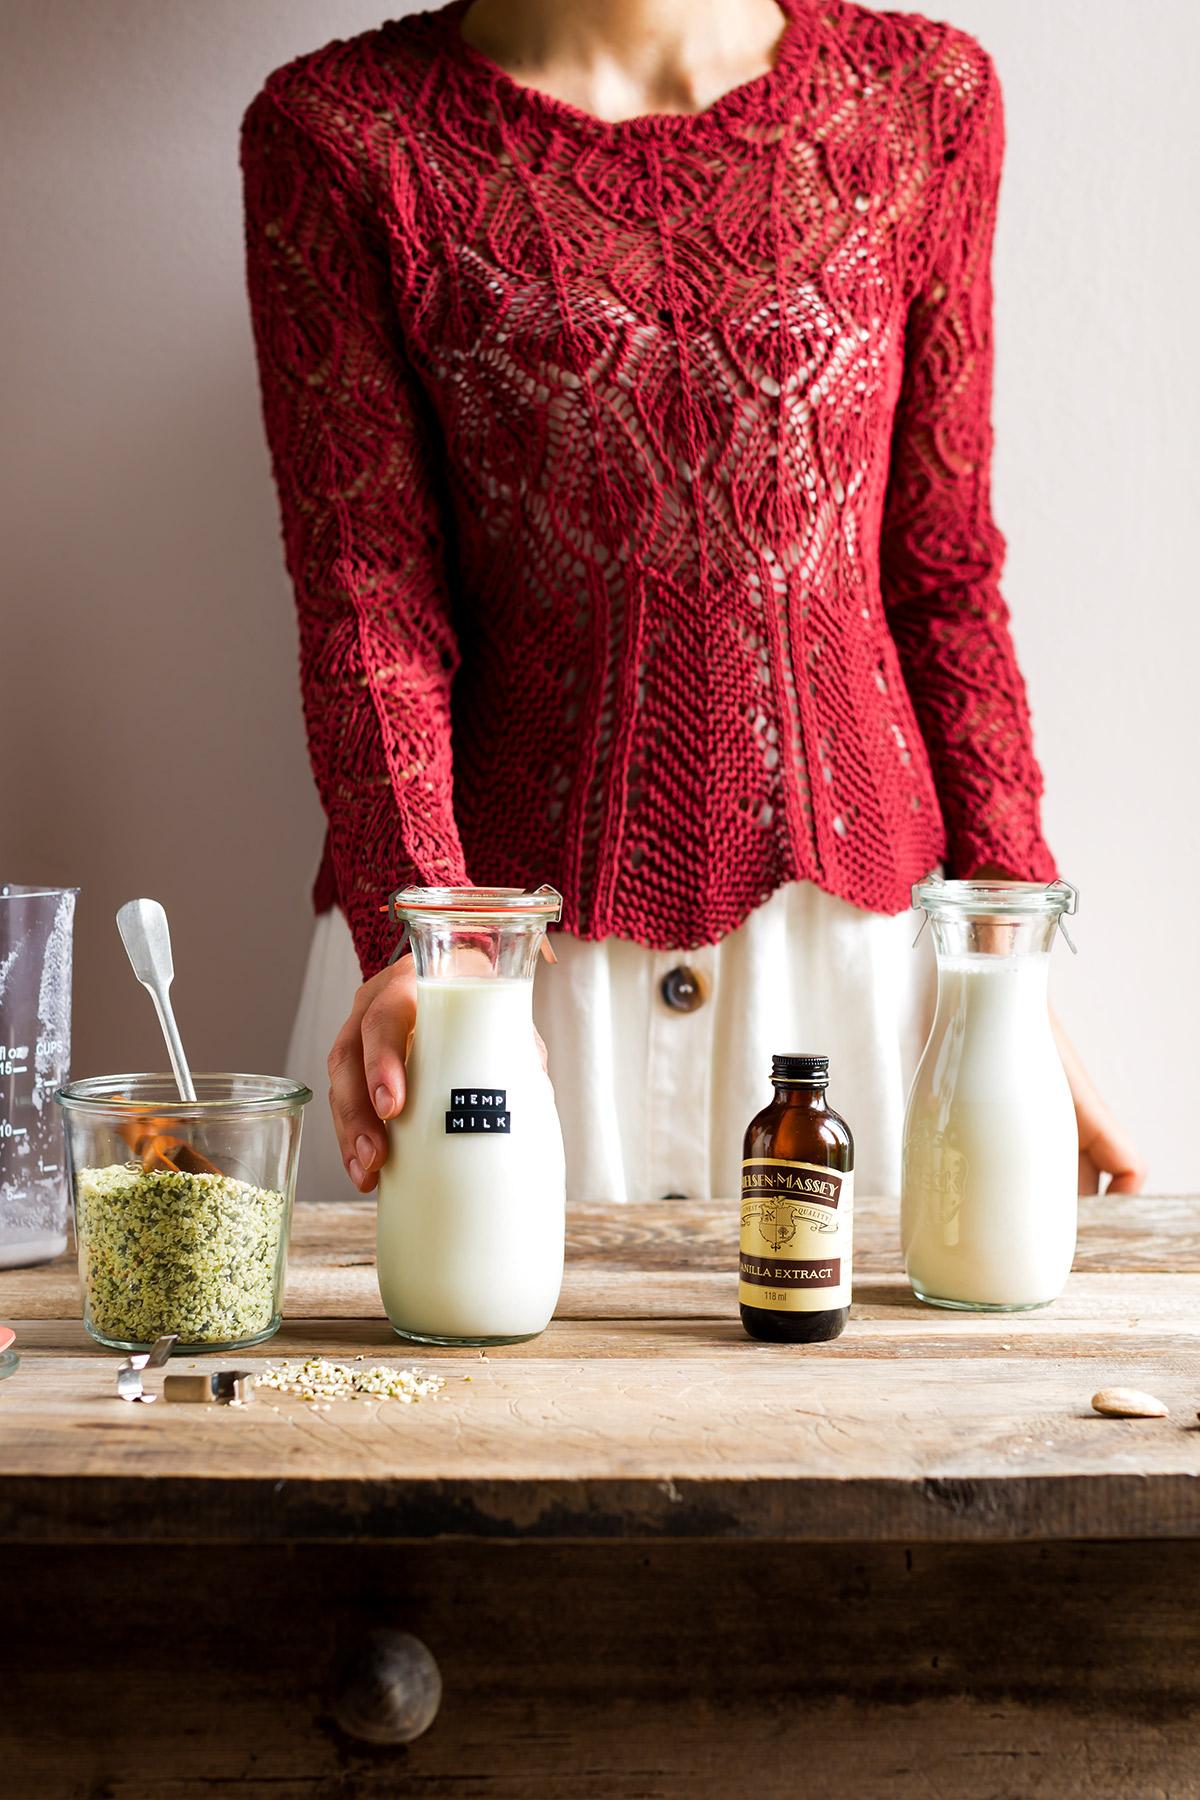 vegan glutenfree HEMP MILK recipe dairyfree come fare il LATTE DI CANAPA fatto in casa ricetta facile veloce 2 ingredienti ricco di proteine senza glutine senza lattosio